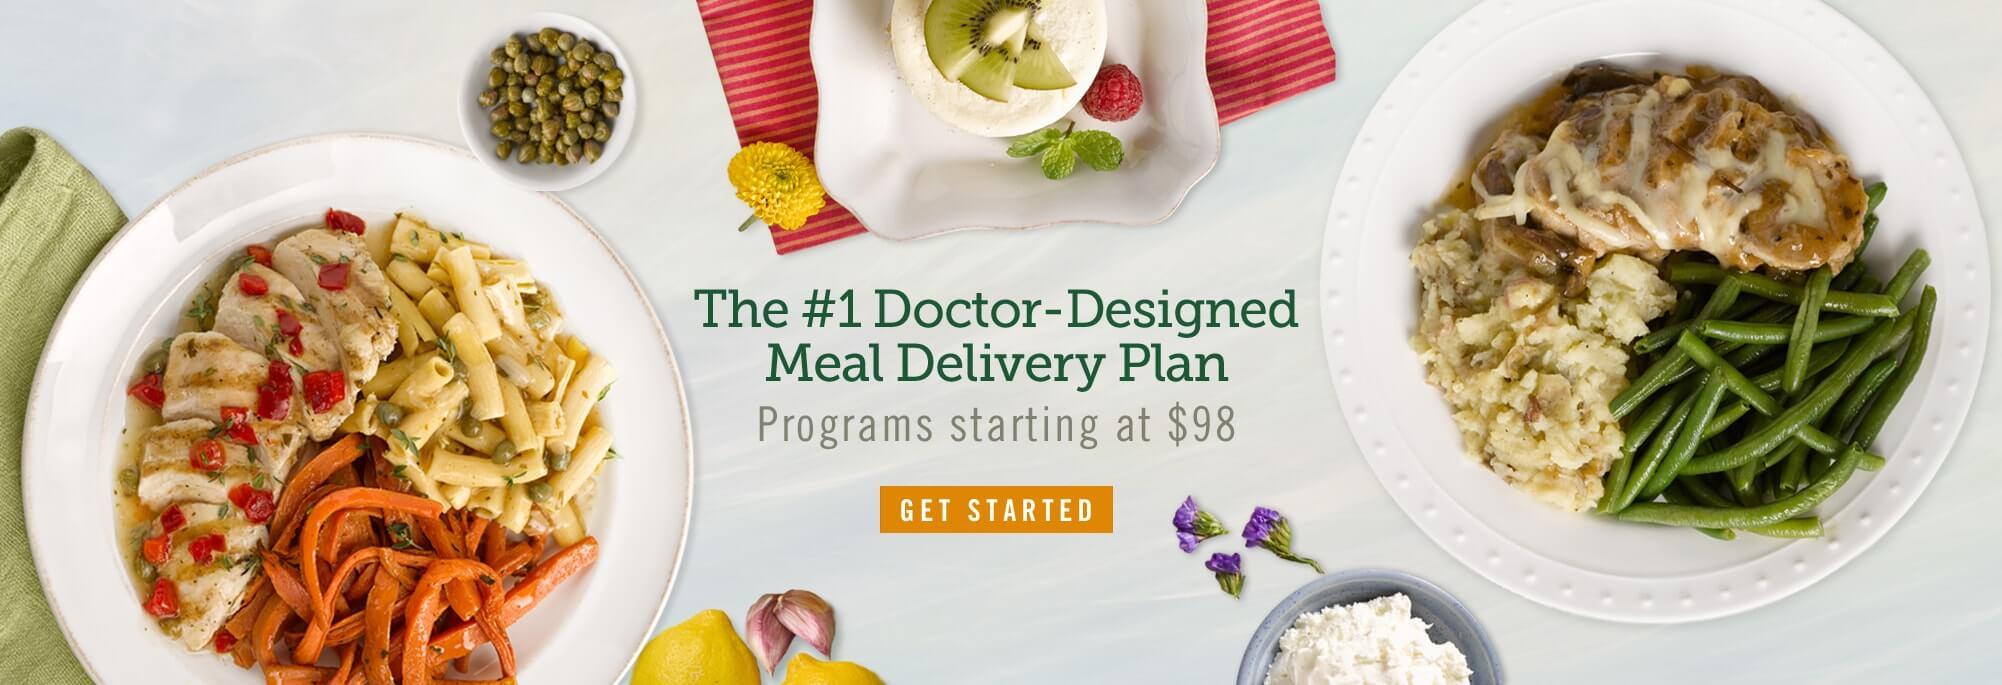 BistroMD Diet - Meal Delivery Plan